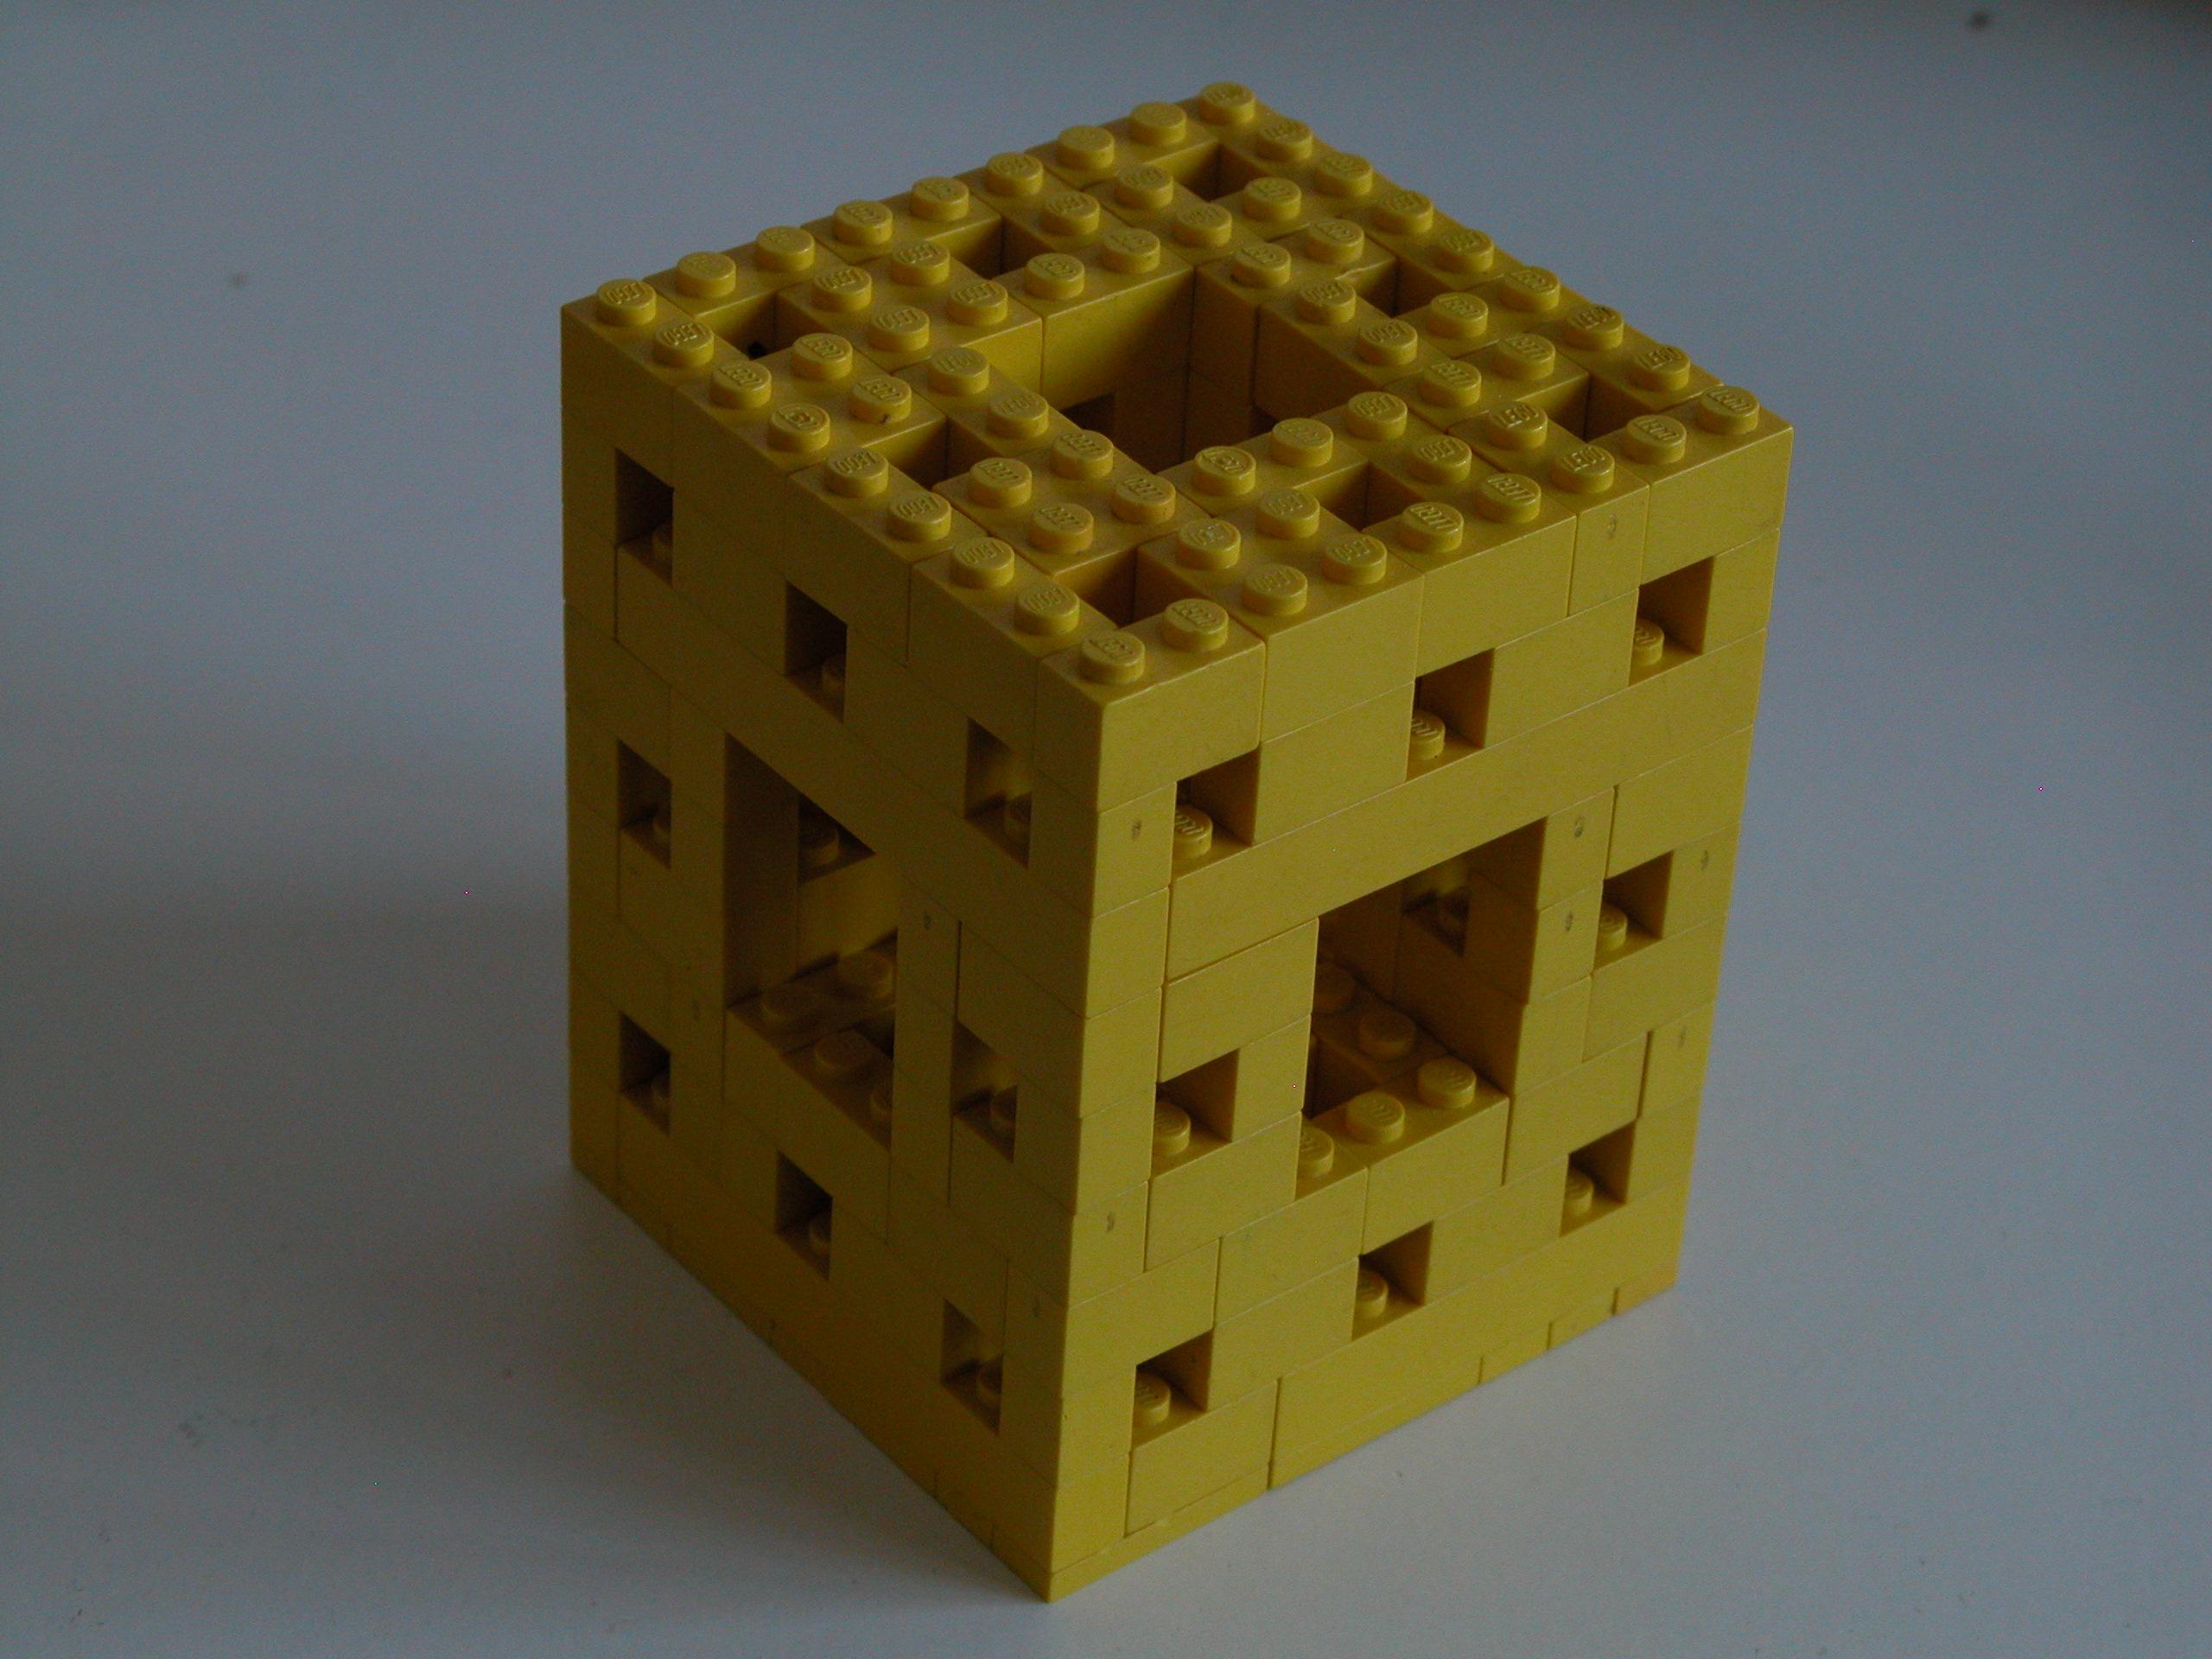 Lego Menger Sponge